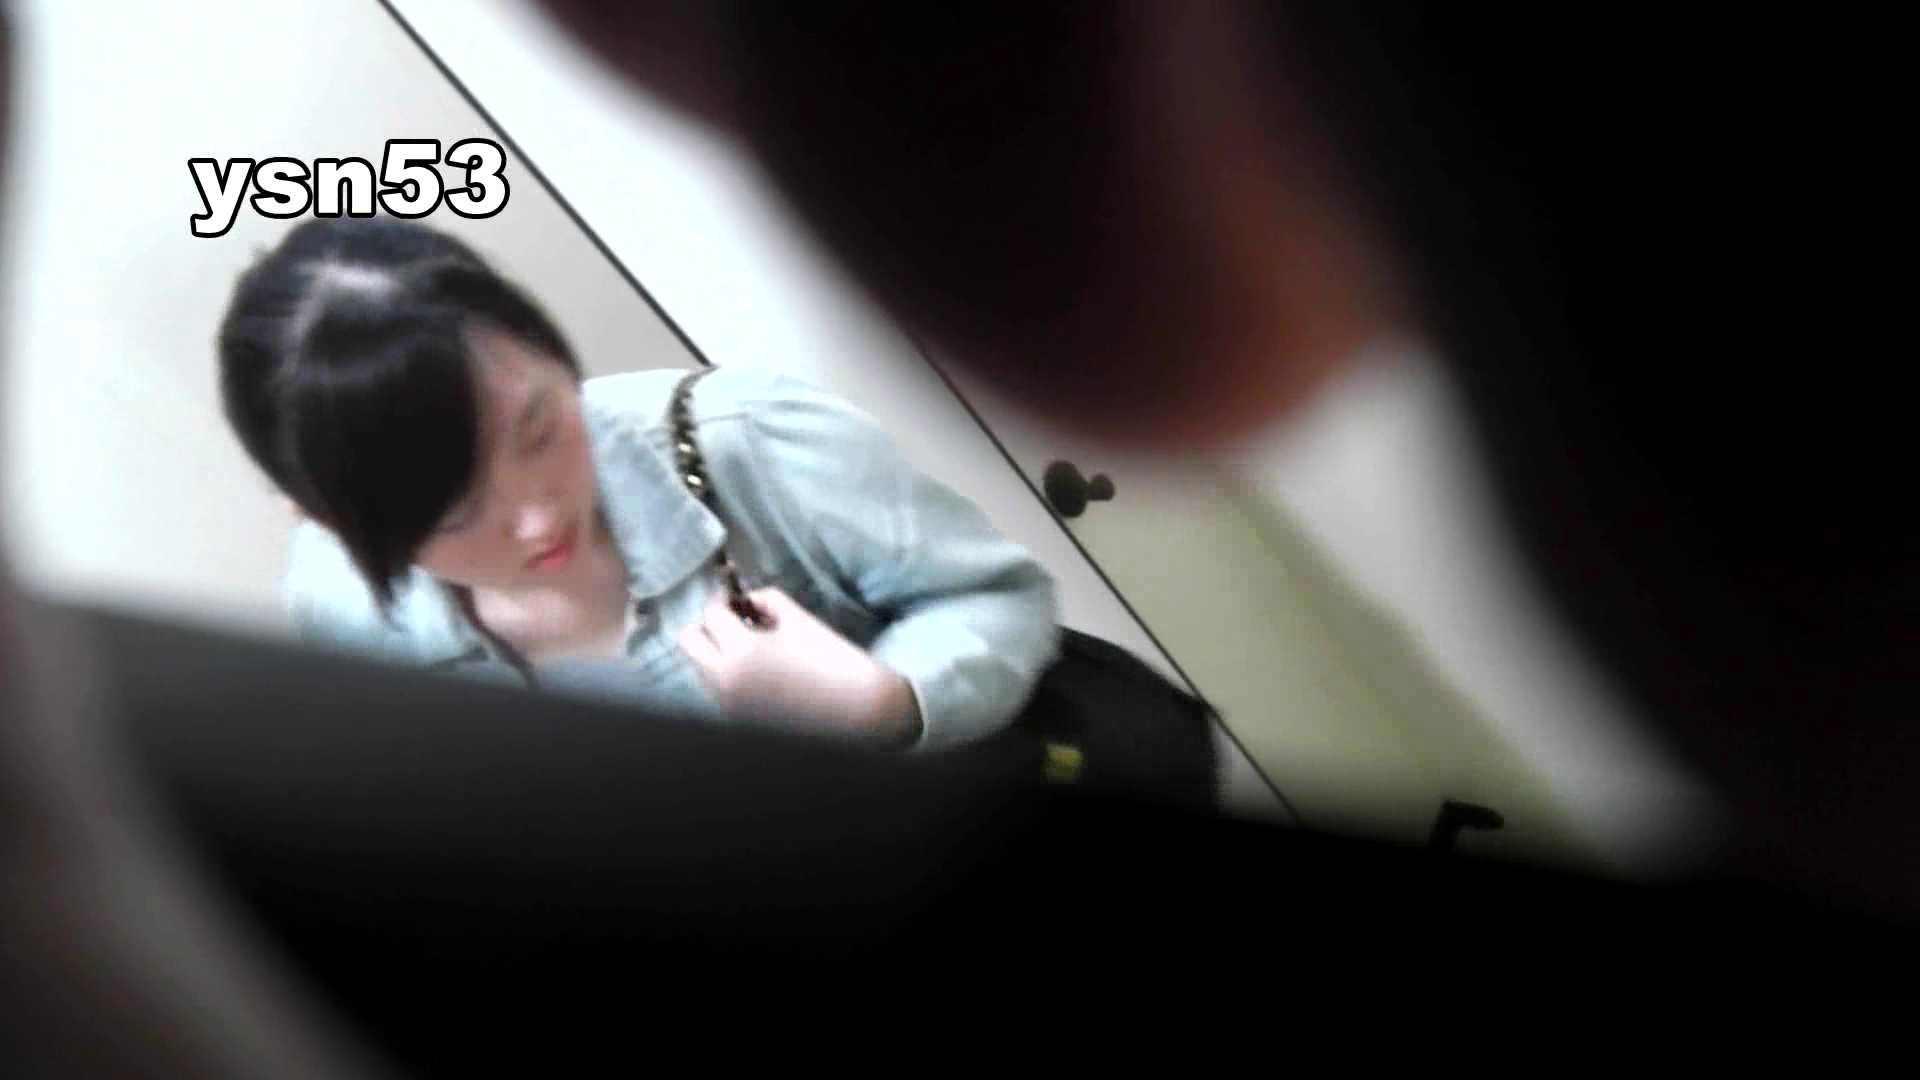 世界の射窓から vol.53 Yellowさん 洗面所シーン ワレメ動画紹介 30画像 9